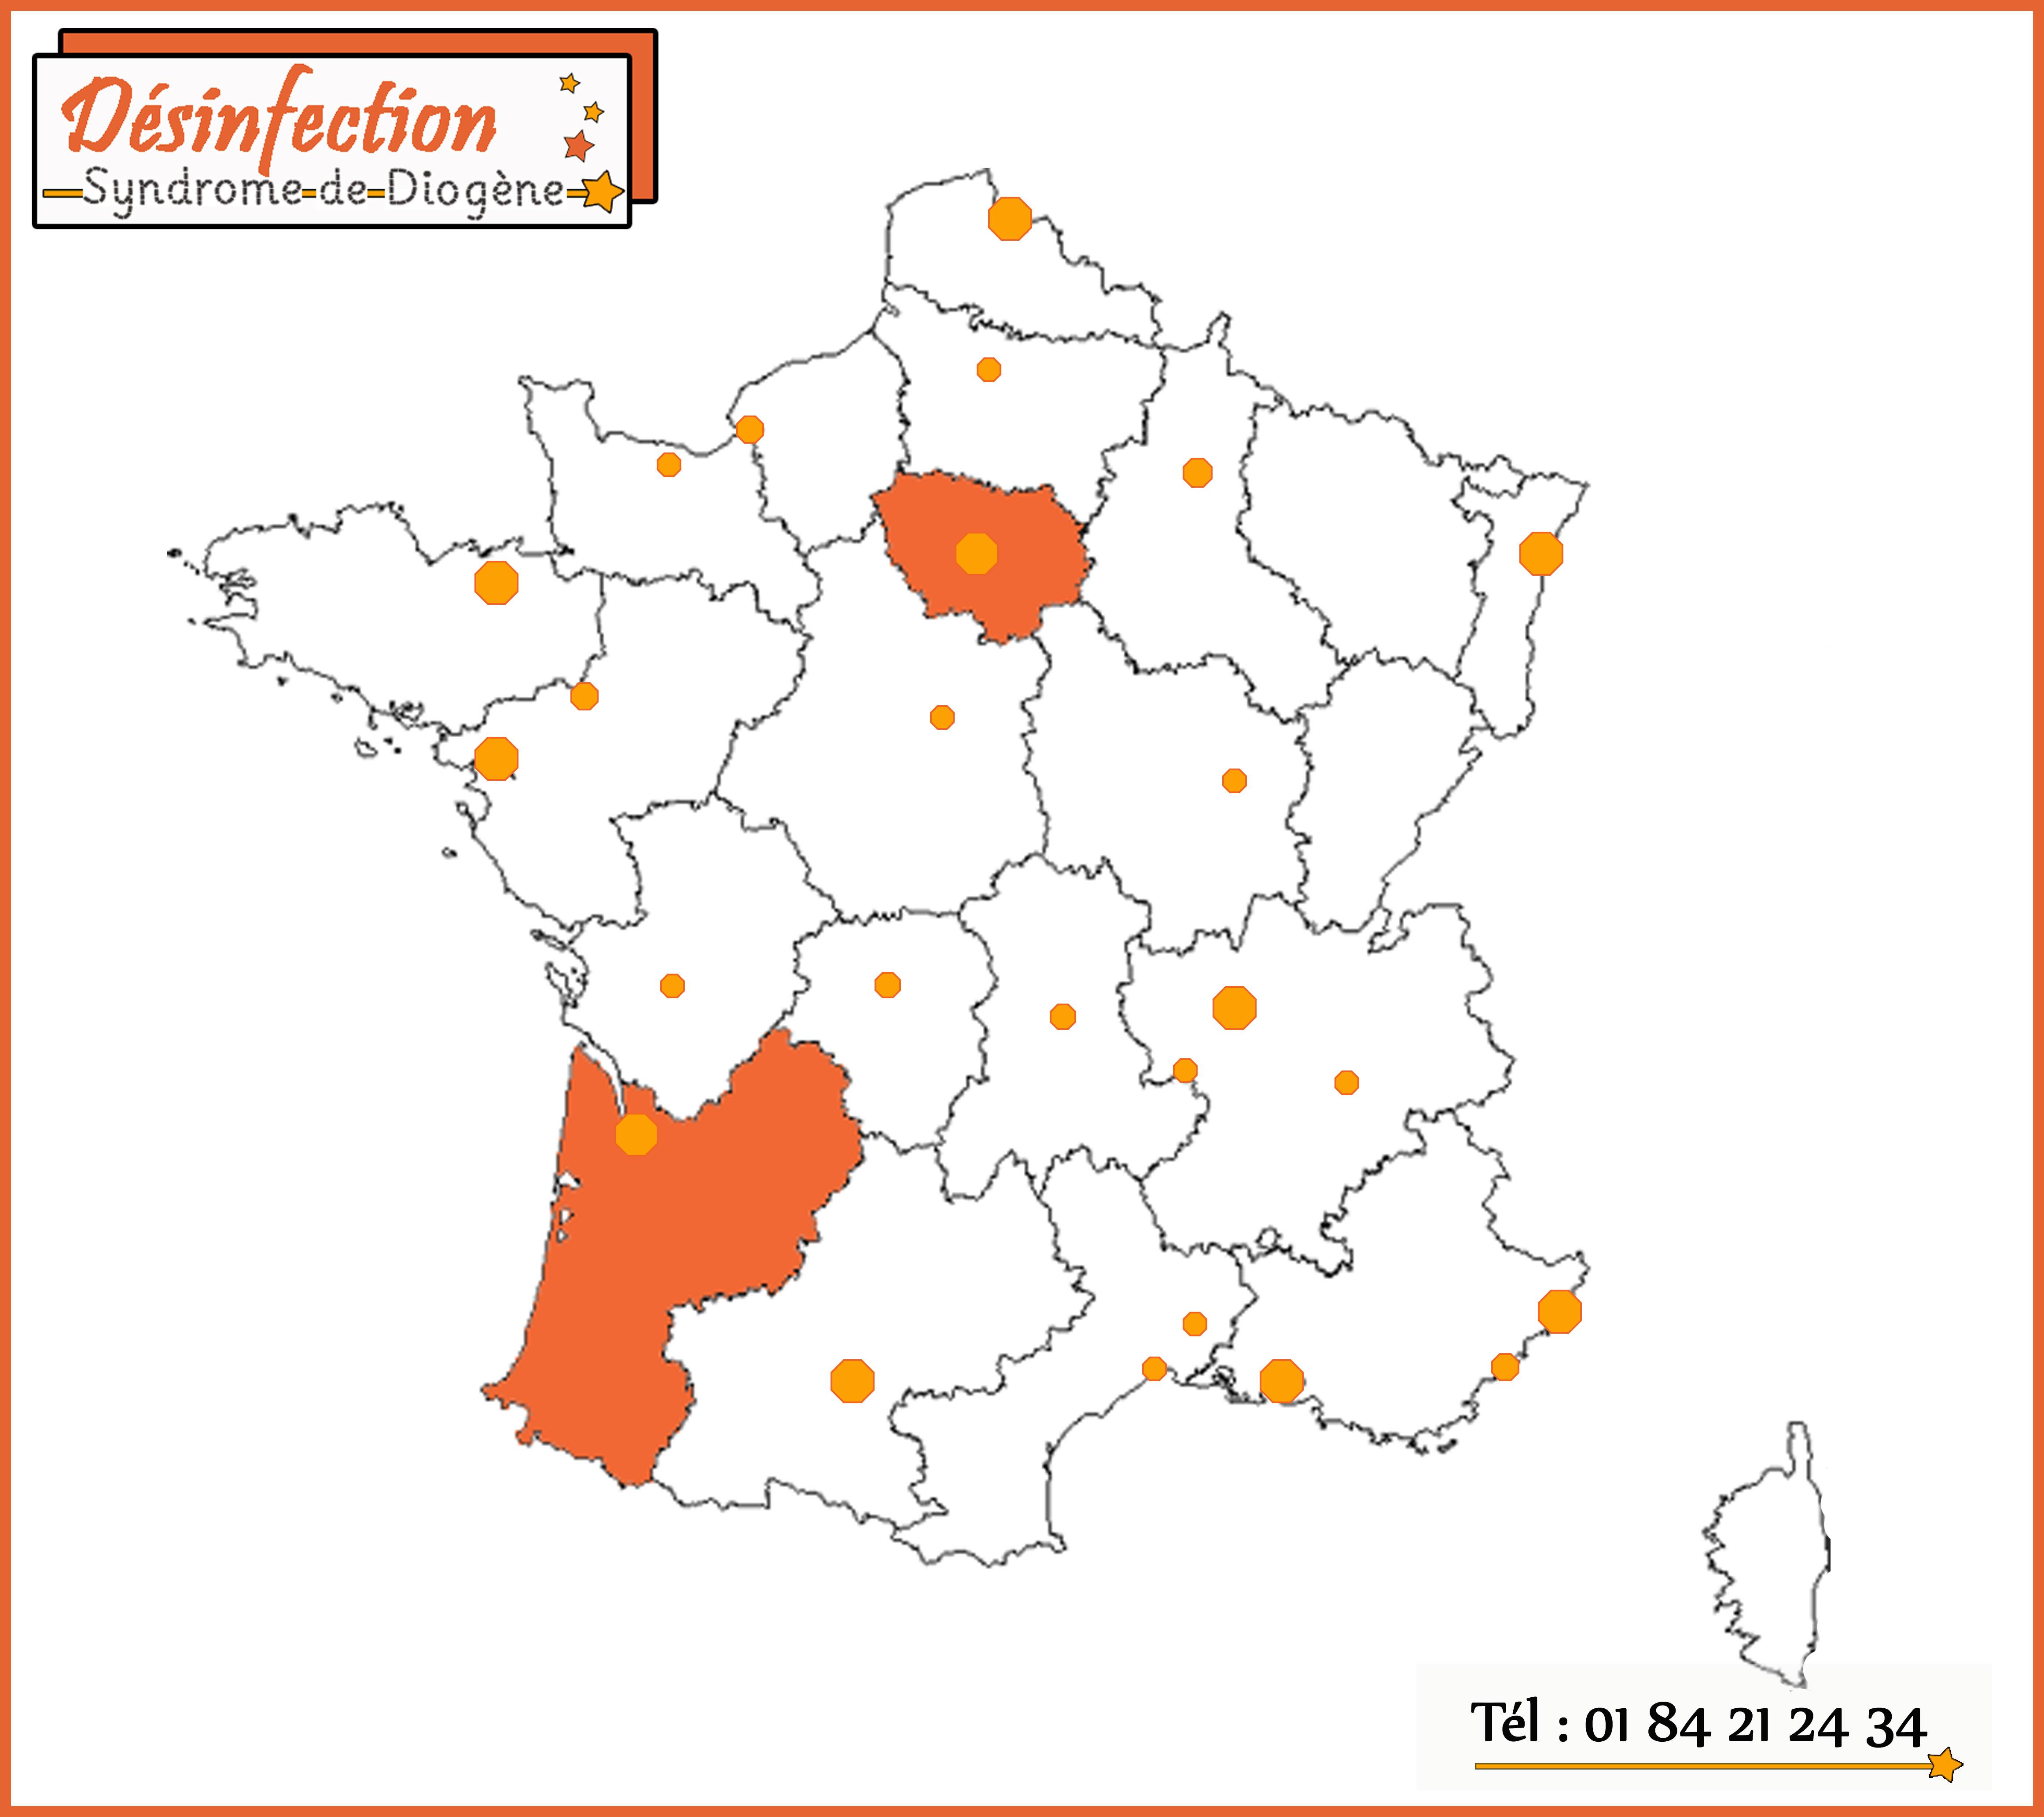 Notre entreprise désinfection syndrome Diogène intervient dans les grandes villes de France et leur région.